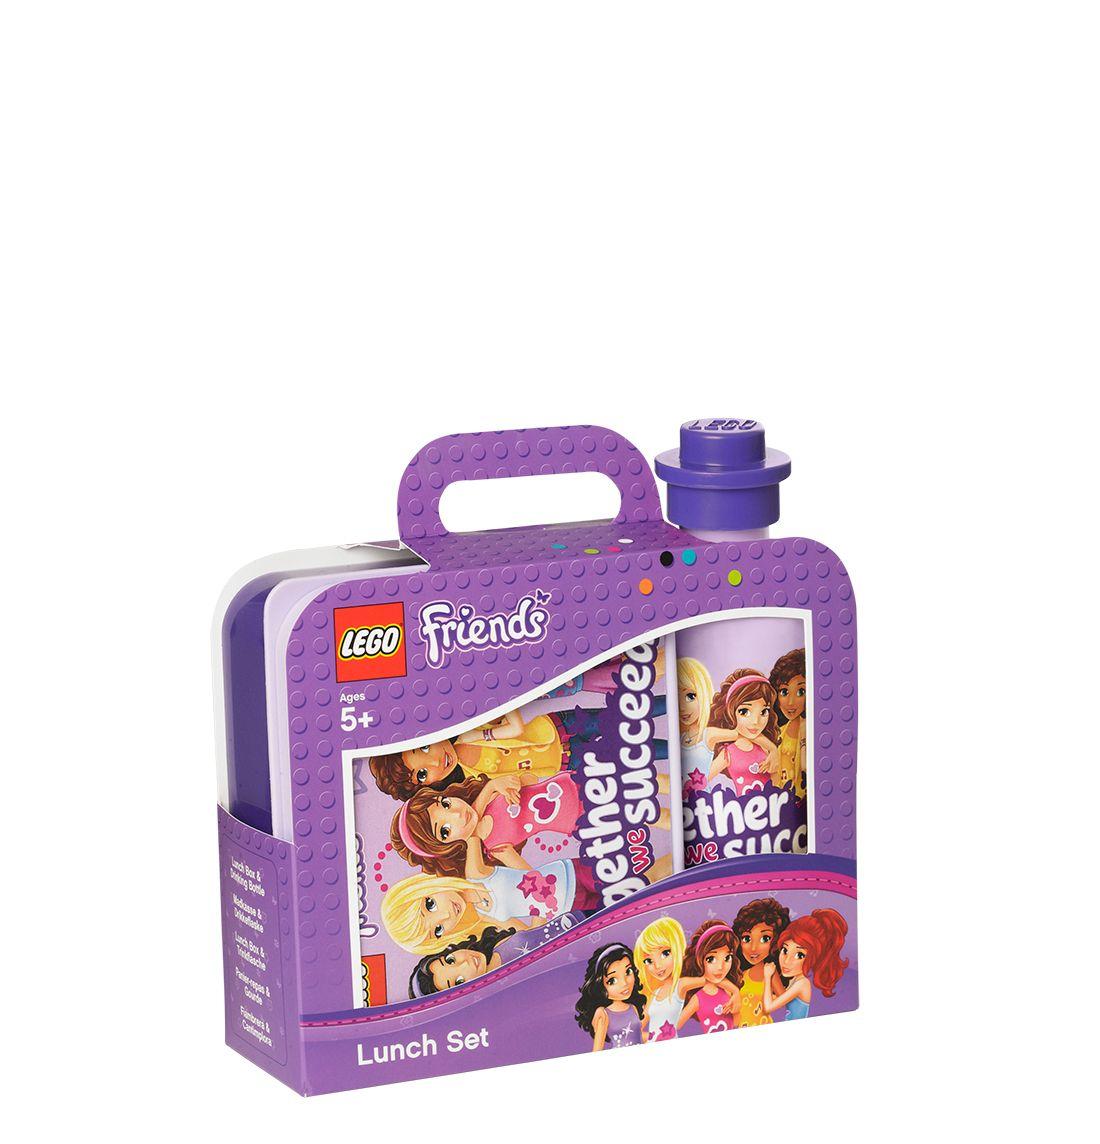 Fede Lego frokost sæt, 40591732, Friends Lavender   til Rygsække til hverdag og fest